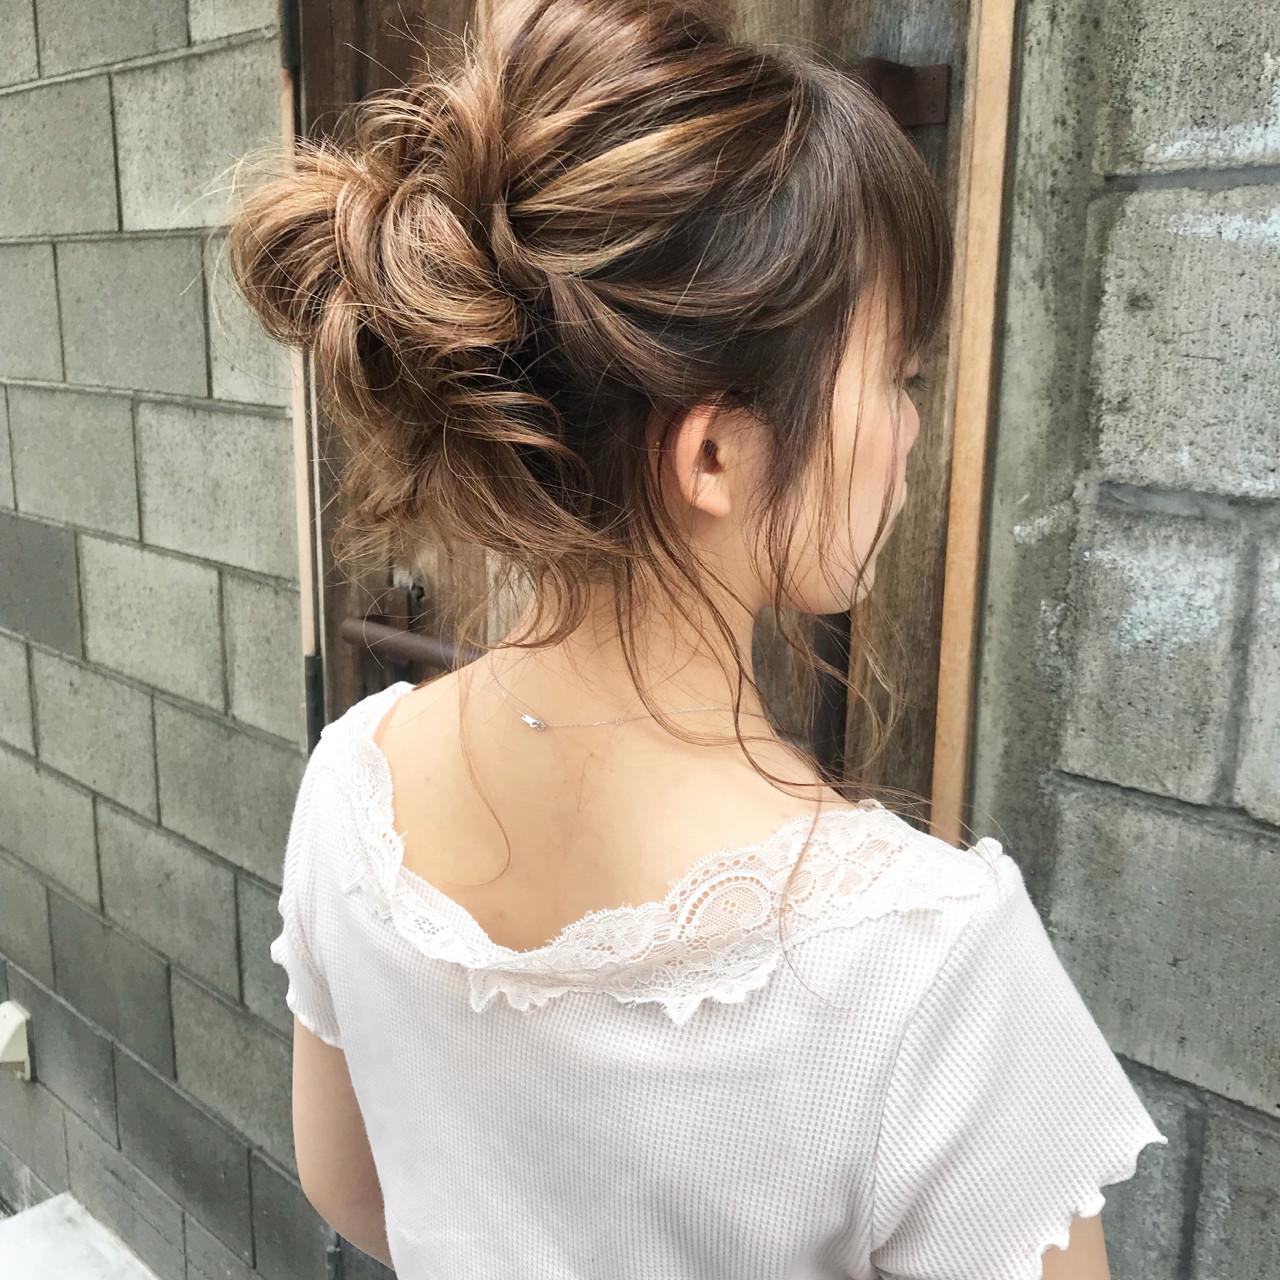 お団子 ヘアアレンジ セミロング 結婚式 ヘアスタイルや髪型の写真・画像